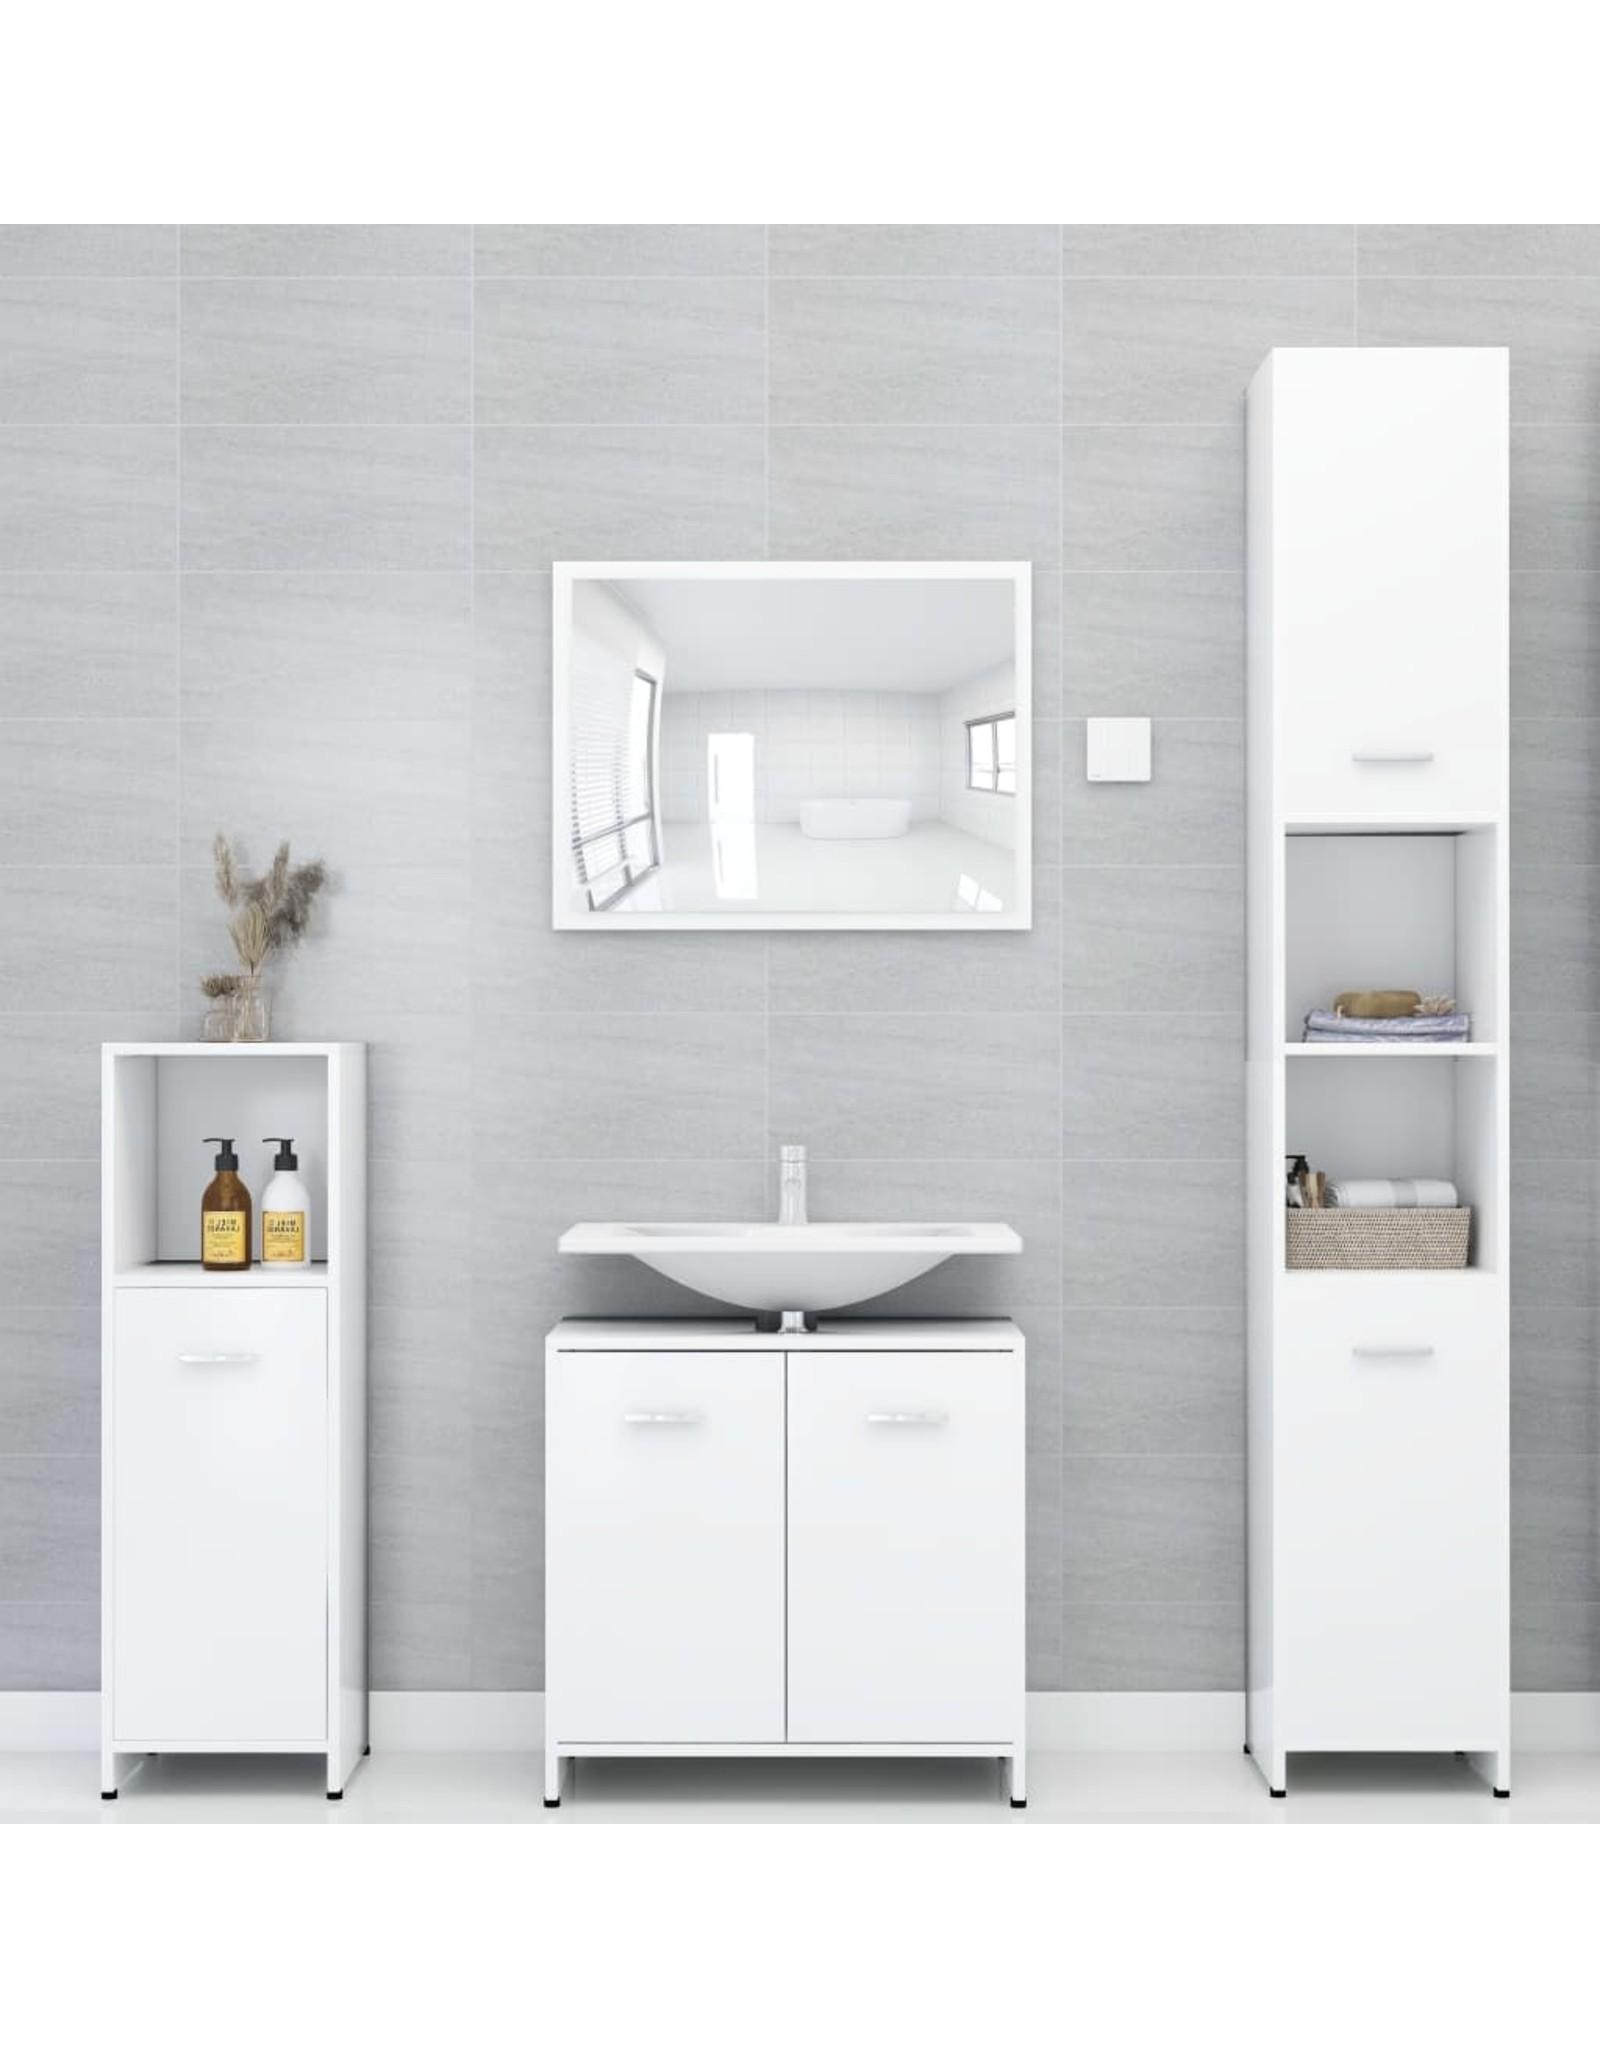 Badkamerkast 30x30x95 cm spaanplaat wit